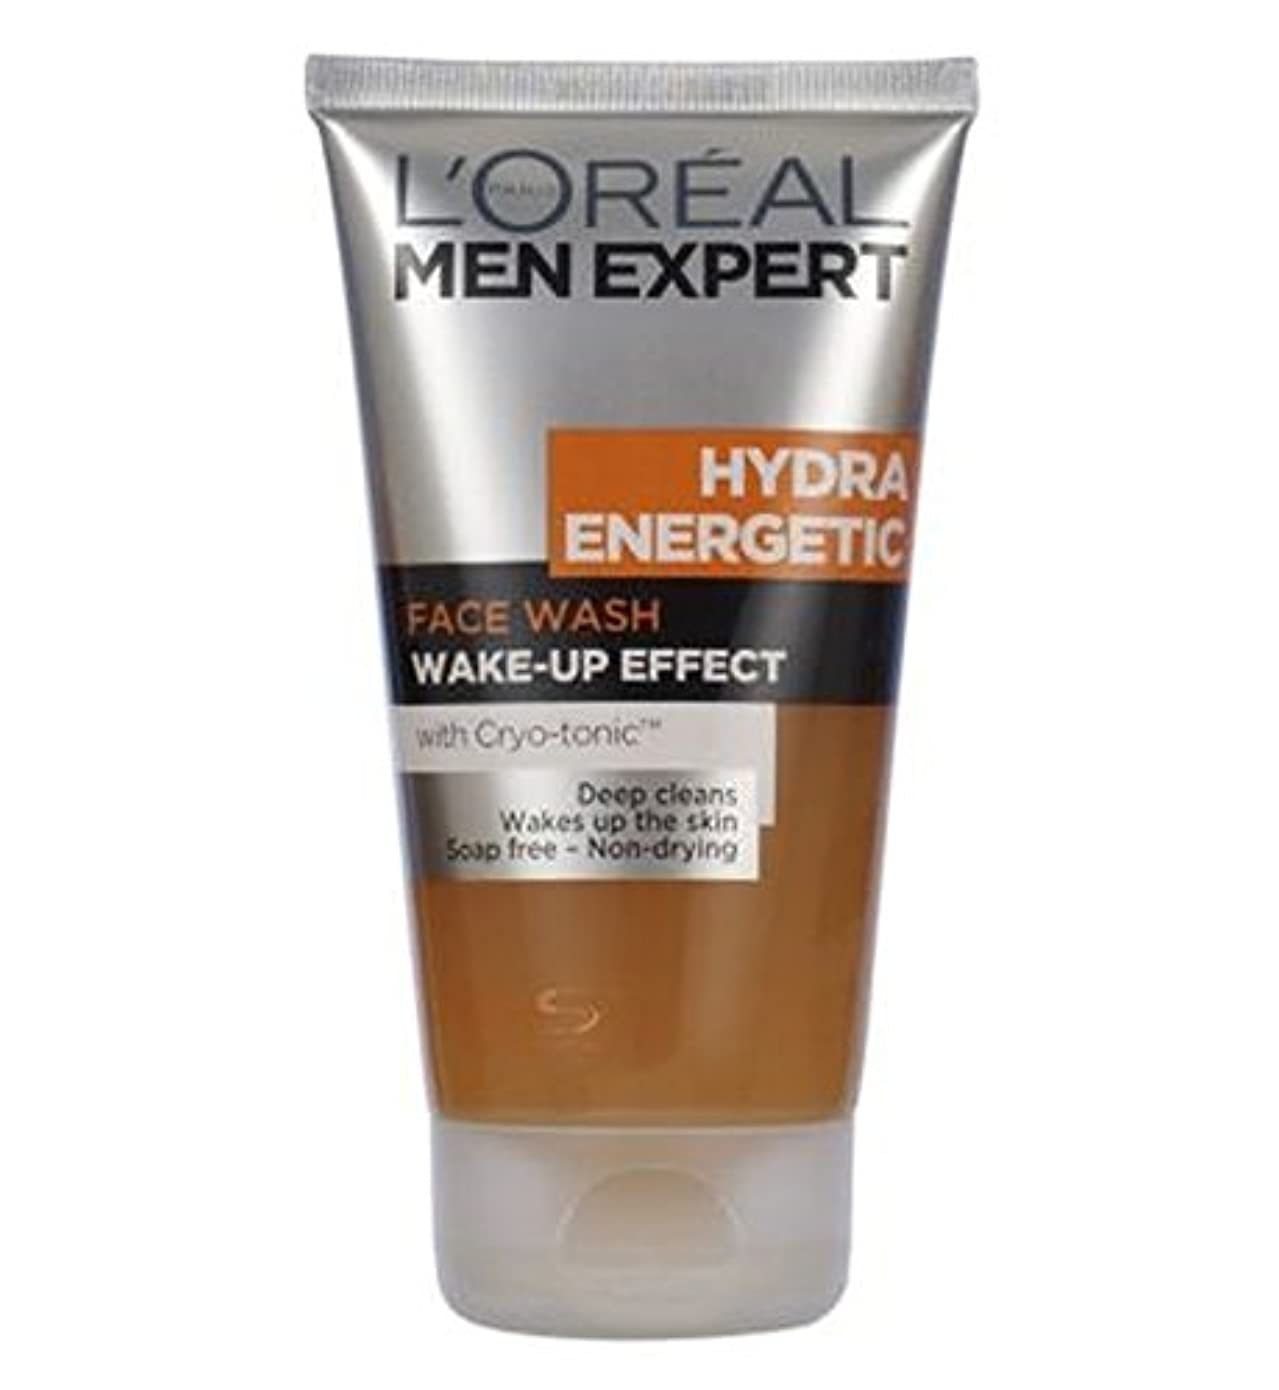 磨かれたしないでください夜明けロレアルの男性の専門家ヒドラエネルギッシュな洗顔150ミリリットル (L'Oreal) (x2) - L'Oreal Men Expert Hydra Energetic Face Wash 150ml (Pack of...